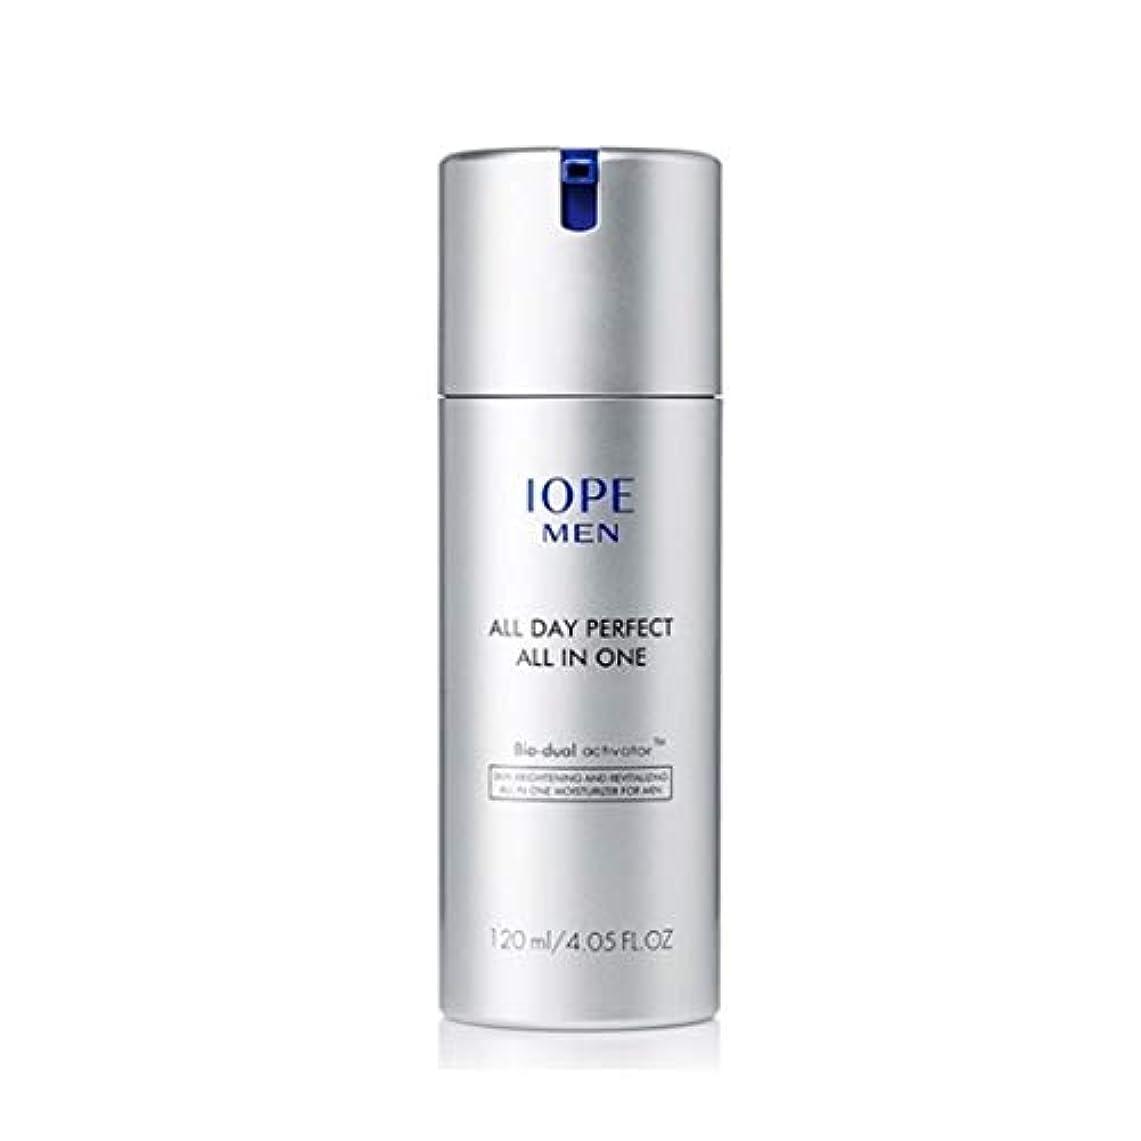 もしアルミニウム耐えるアイオペメンズコスメオールデイパーフェクトオールインワン120ml 韓国コスメ、IOPE Men All Day Perfect All in One 120ml Men's Cosmetics Korean Cosmetics...